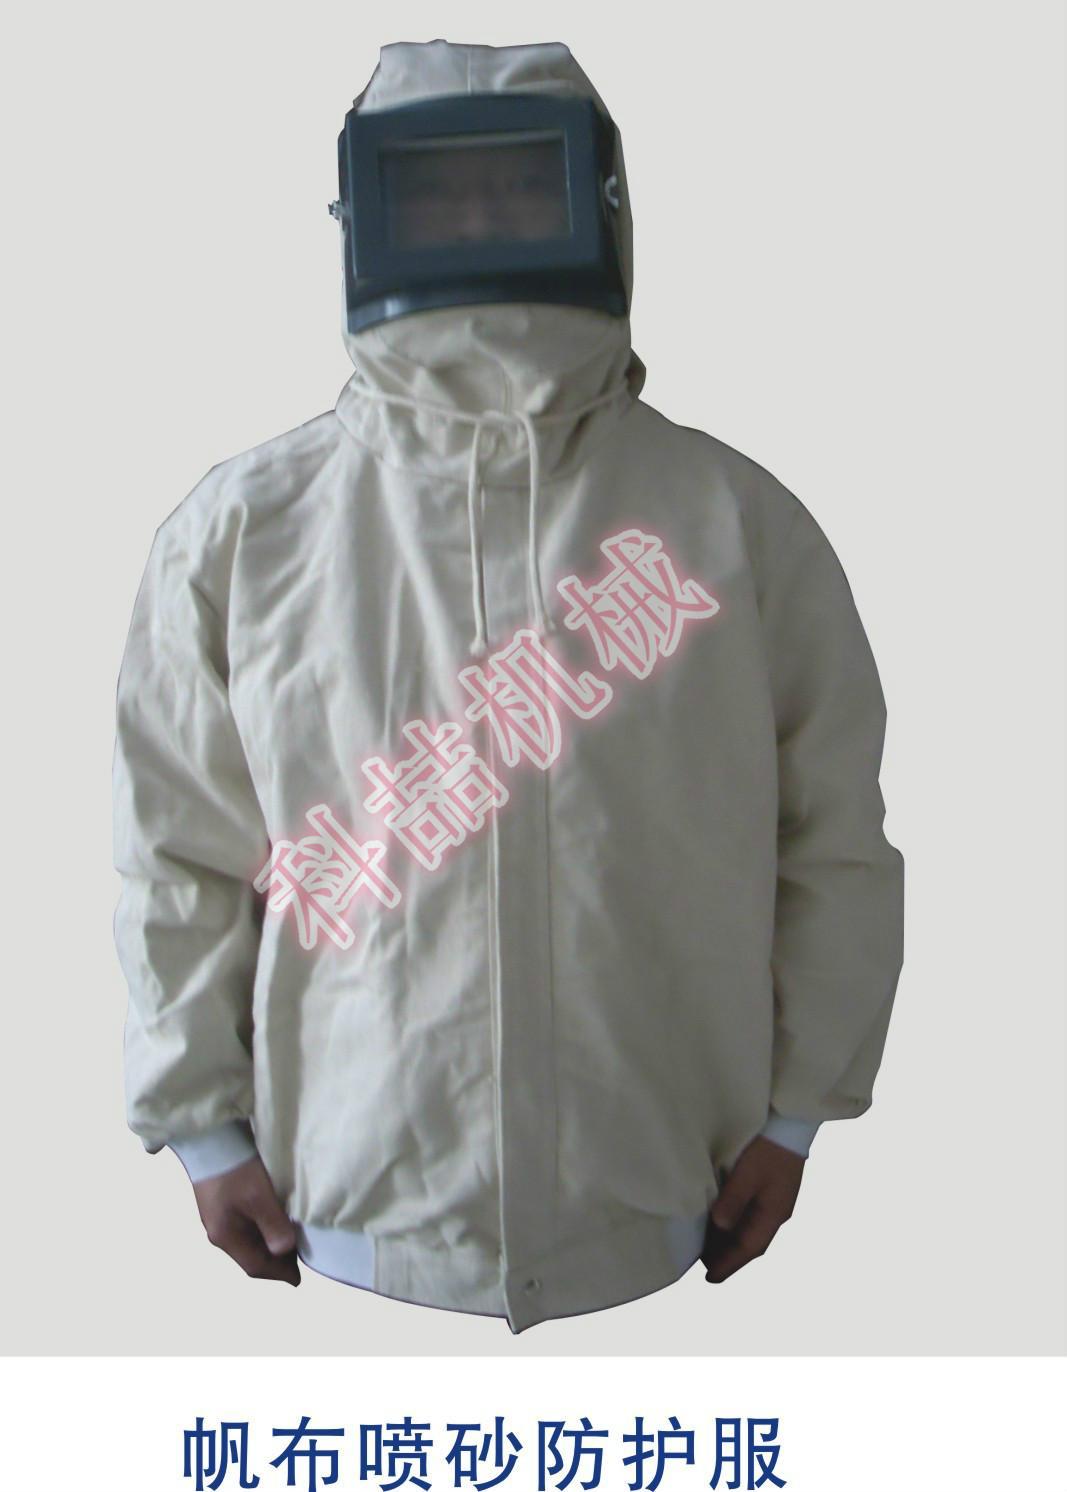 噴砂防護服 1